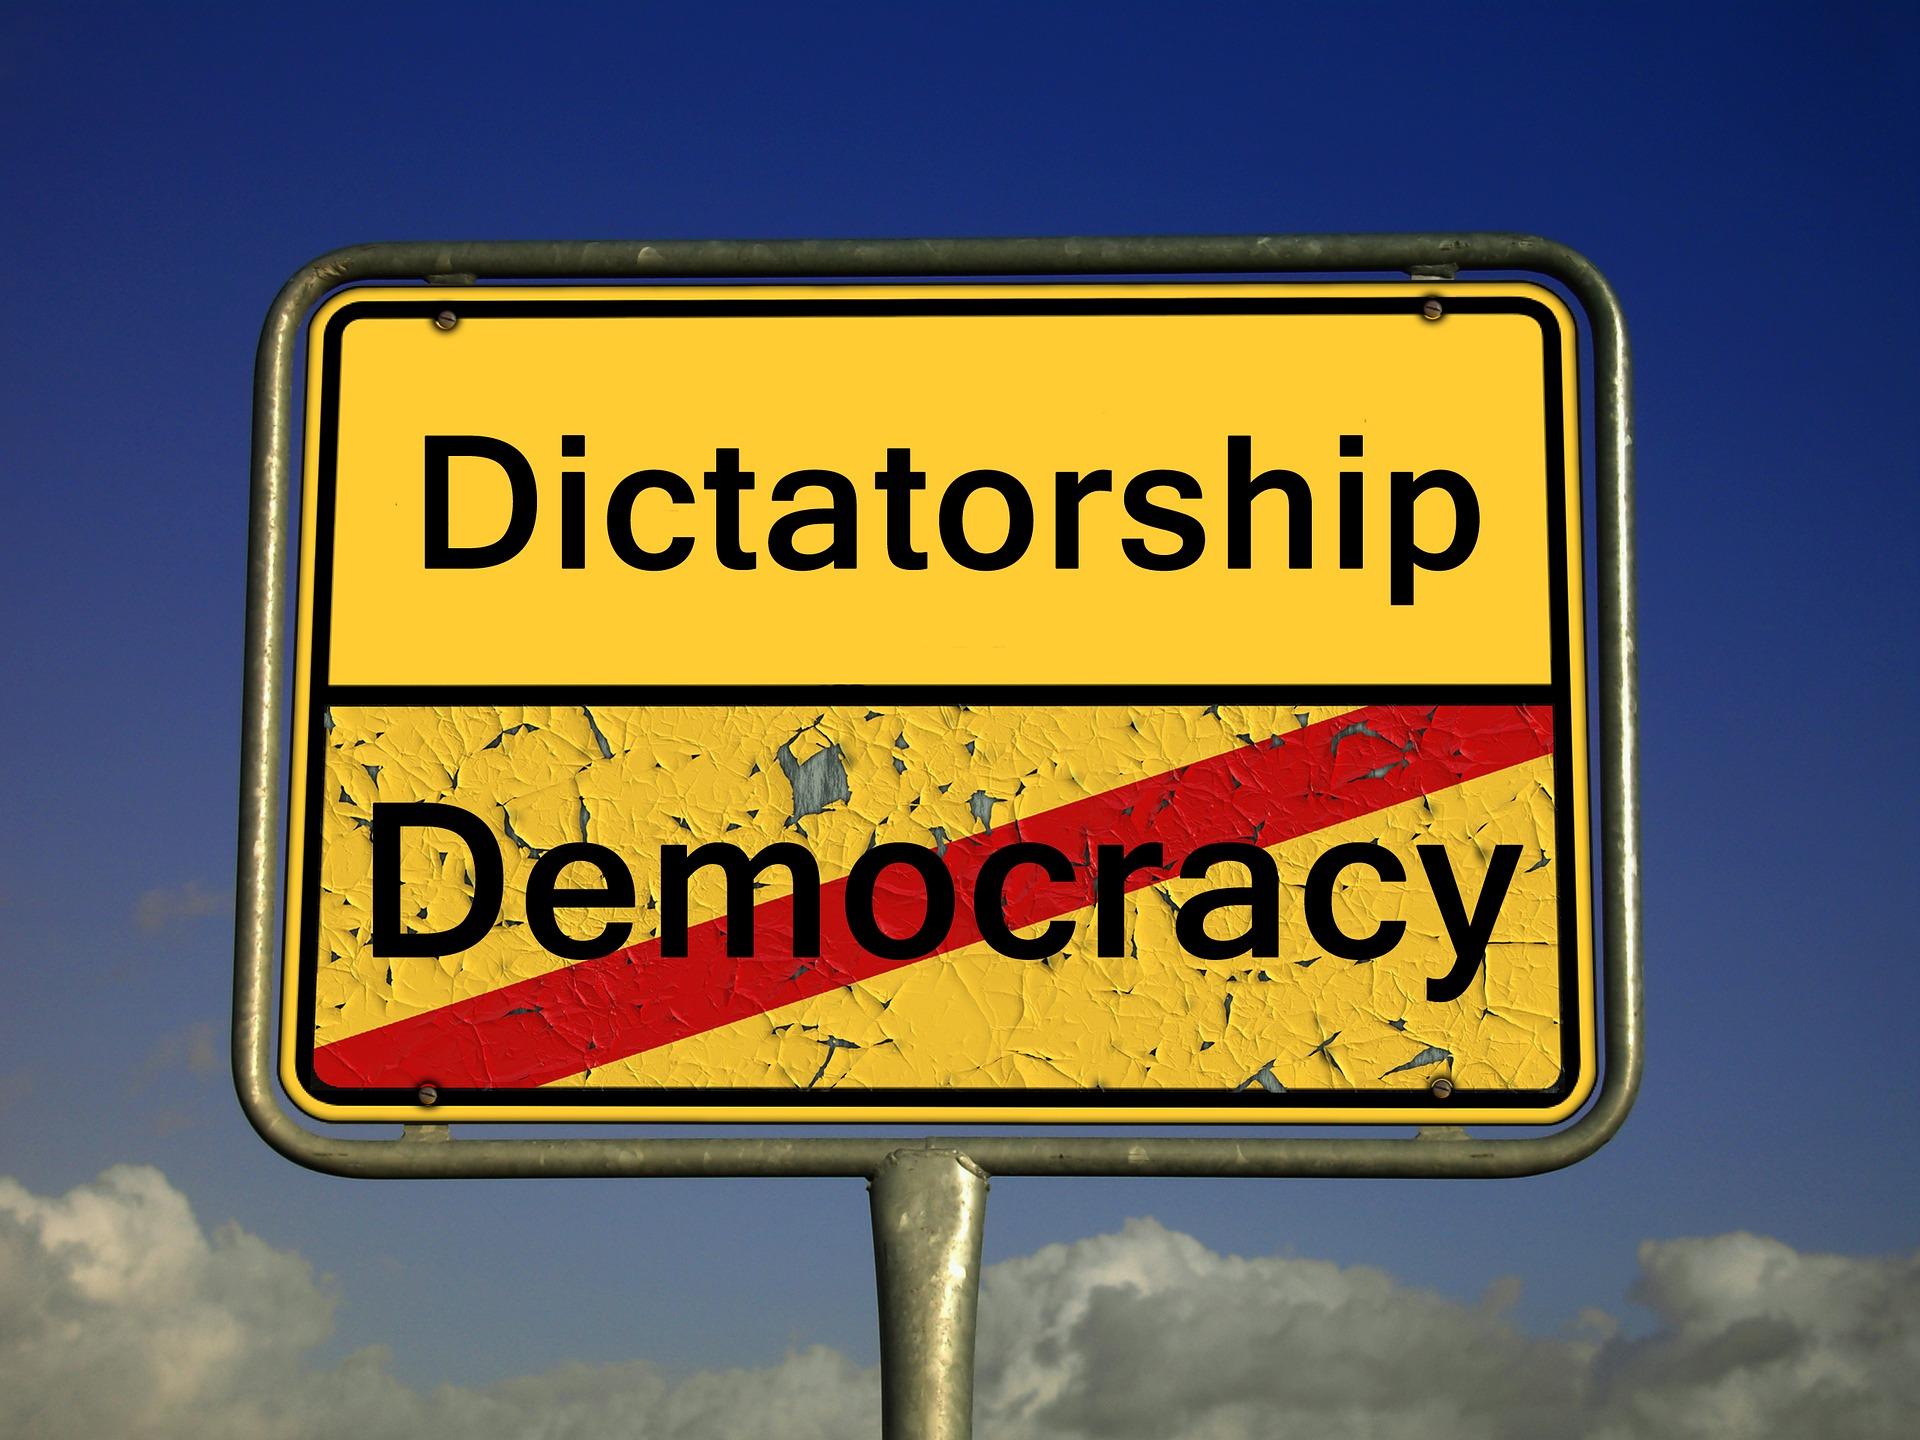 【胡全威觀點】民主也可能出現獨裁